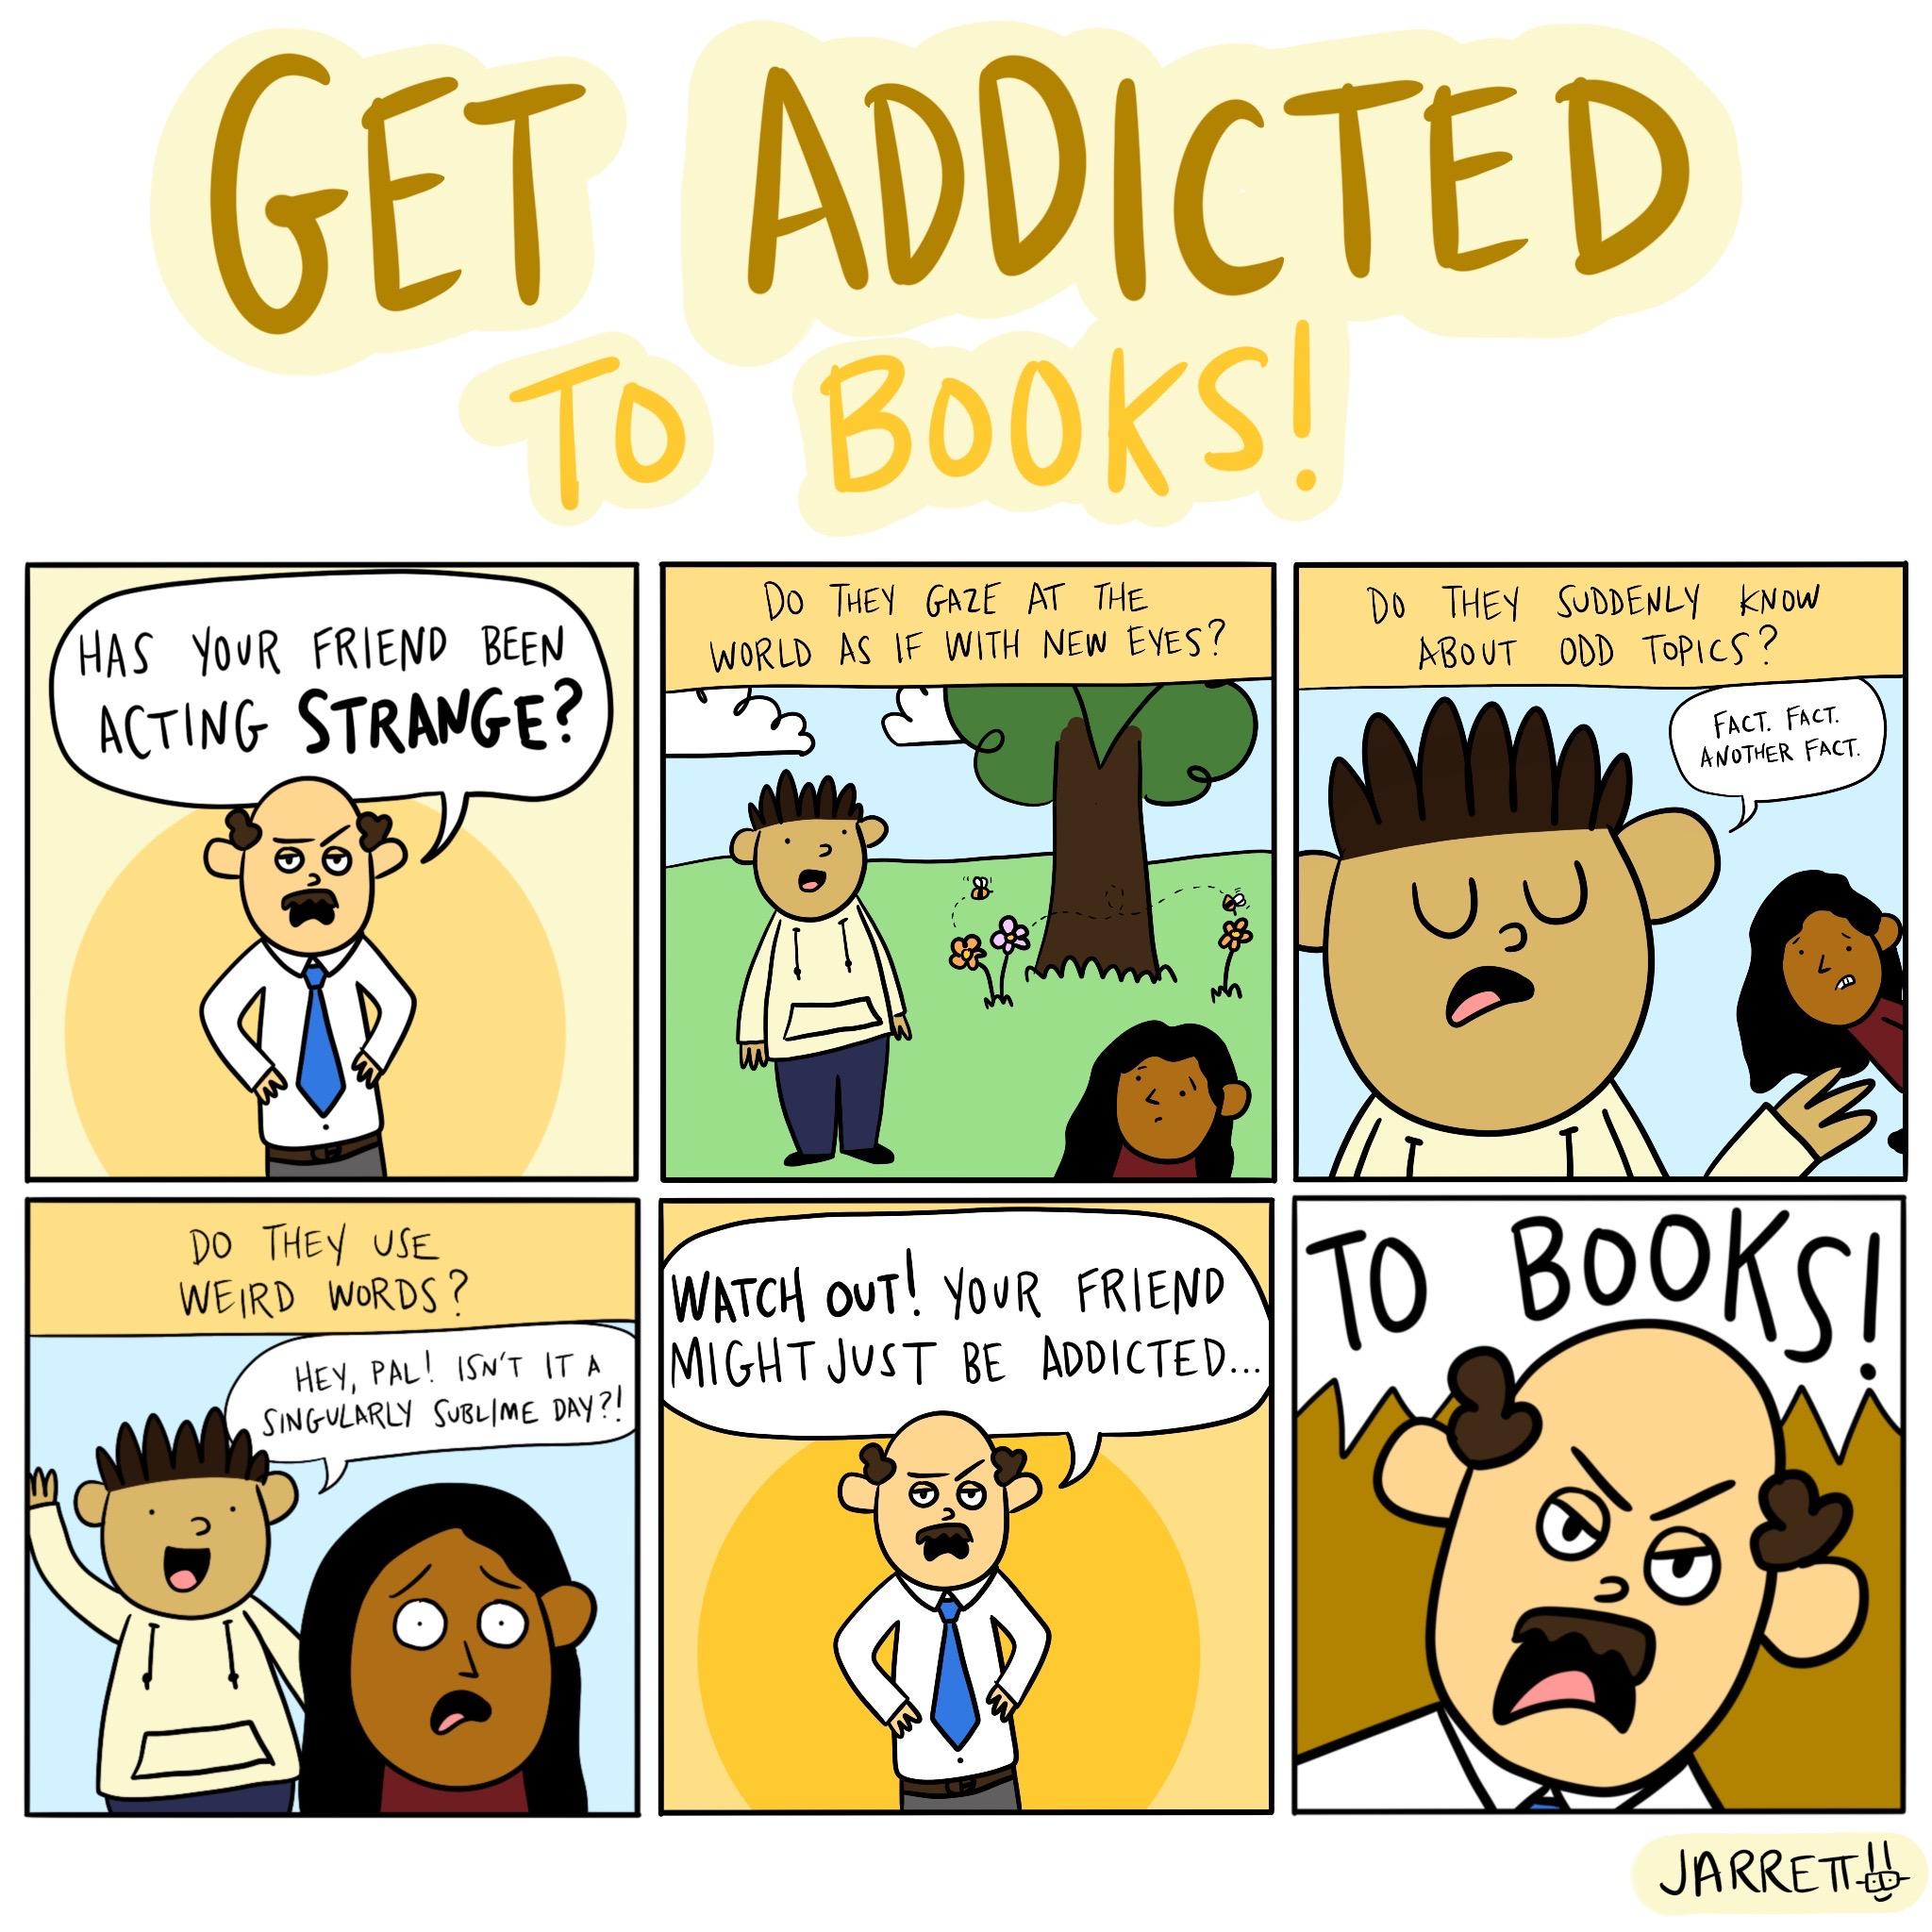 addicted.JPG